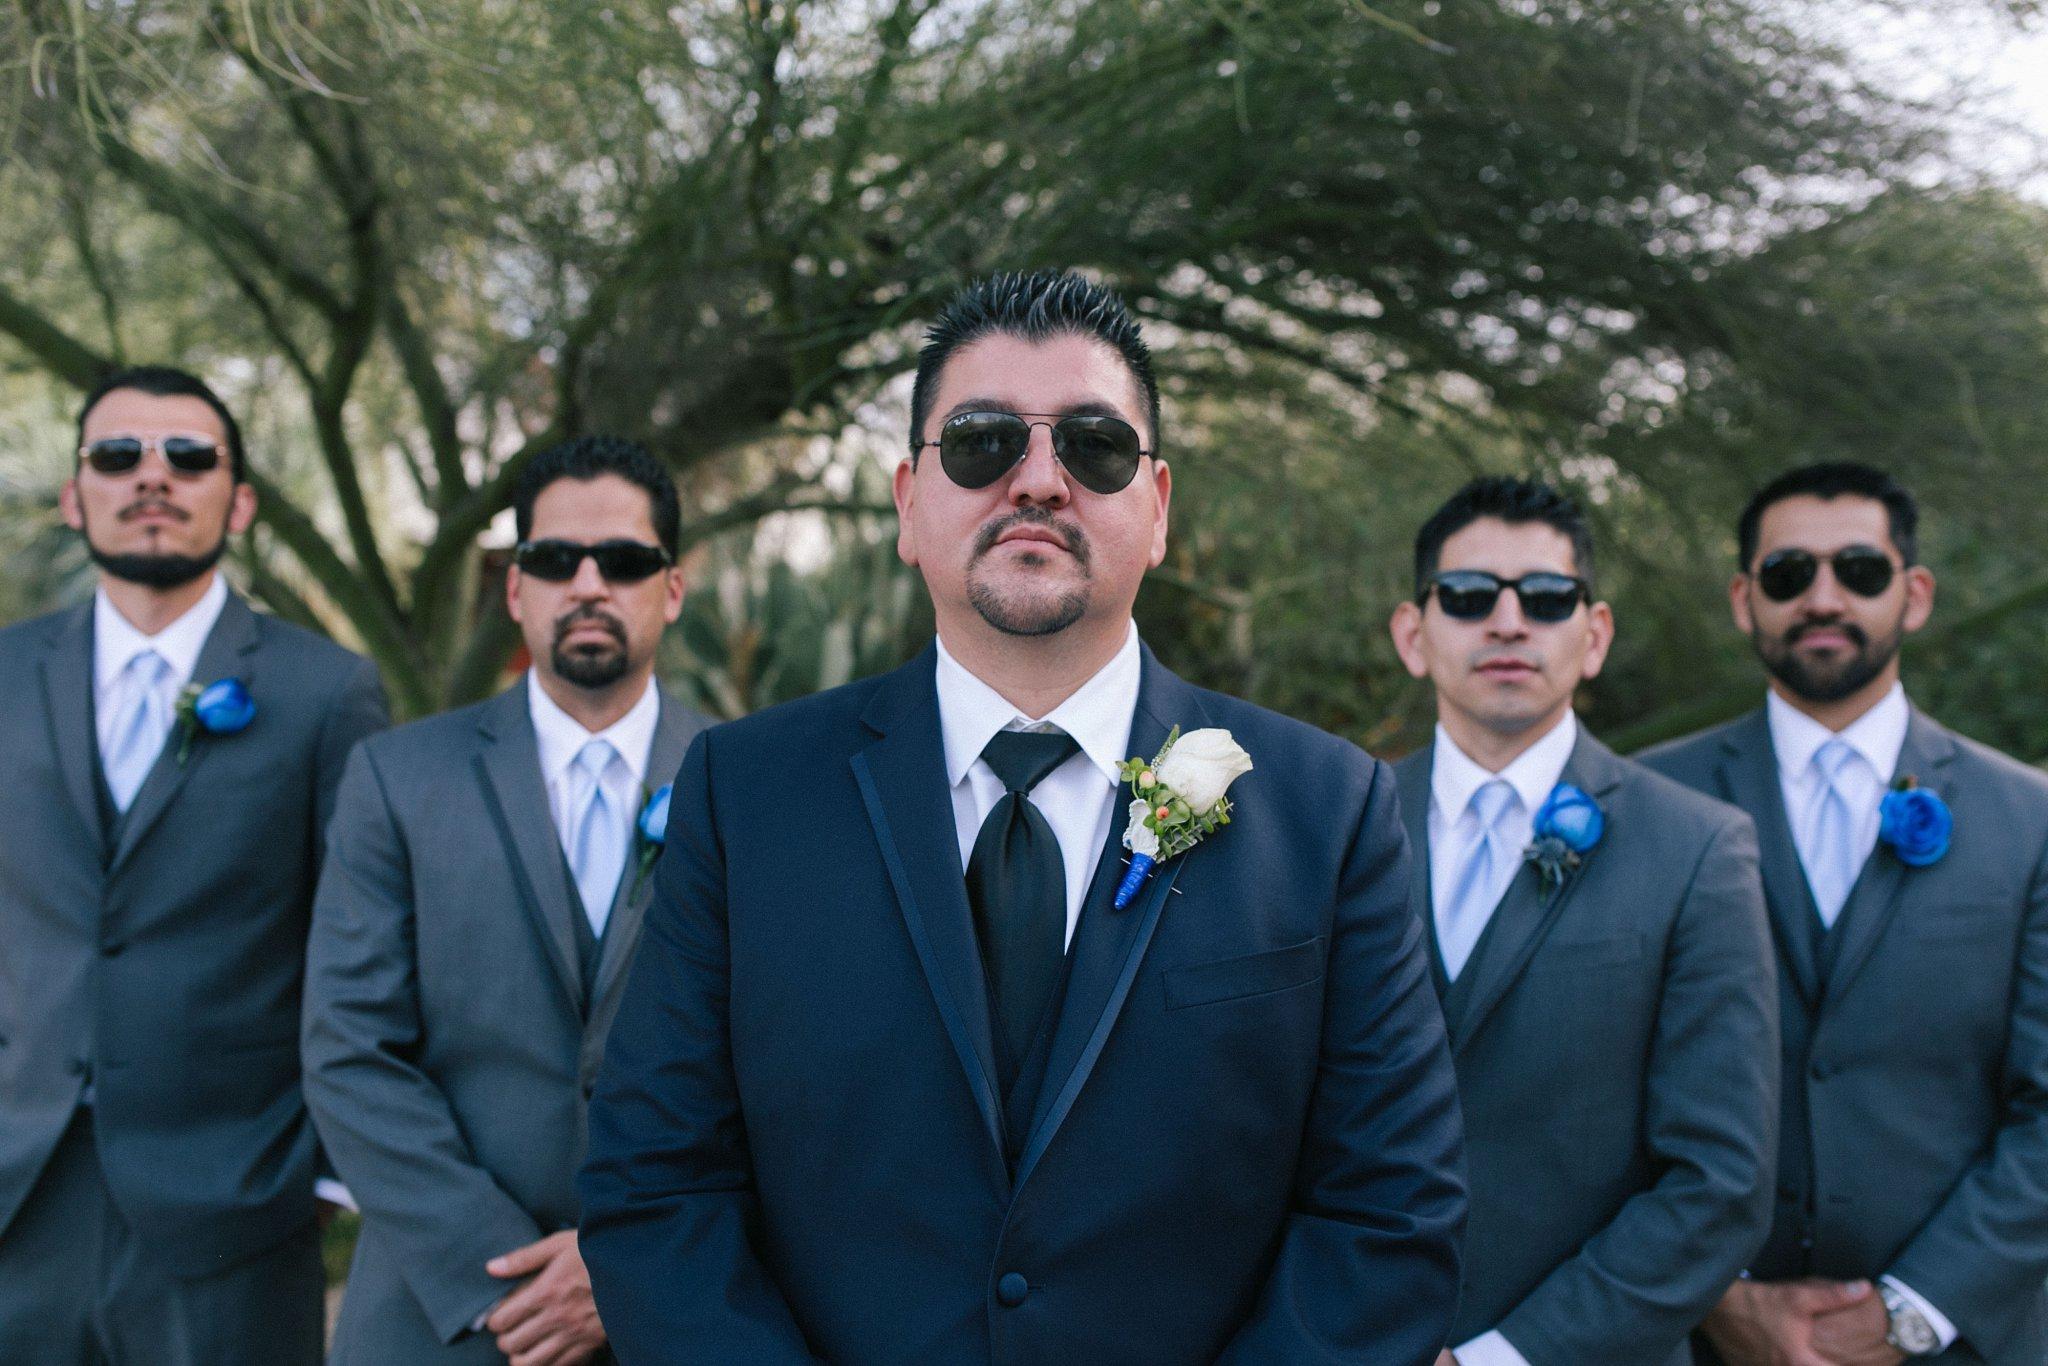 groomsmen photos in sunglasses Desert Botanical Gardens